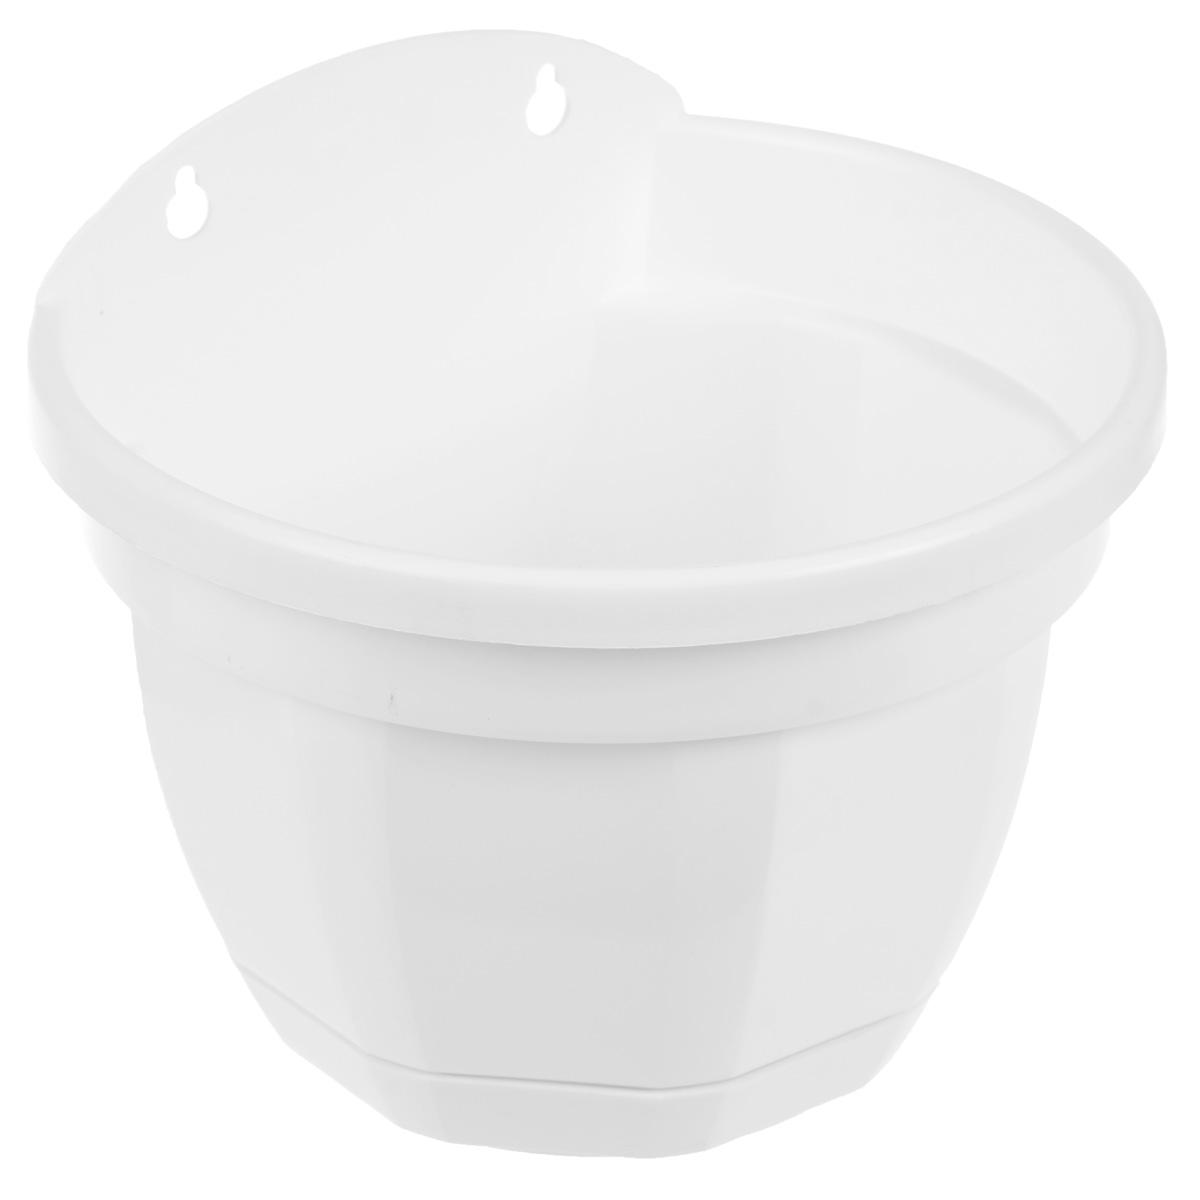 цена на Кашпо настенное Инстар Ника, цвет: белый, диаметр 20 см